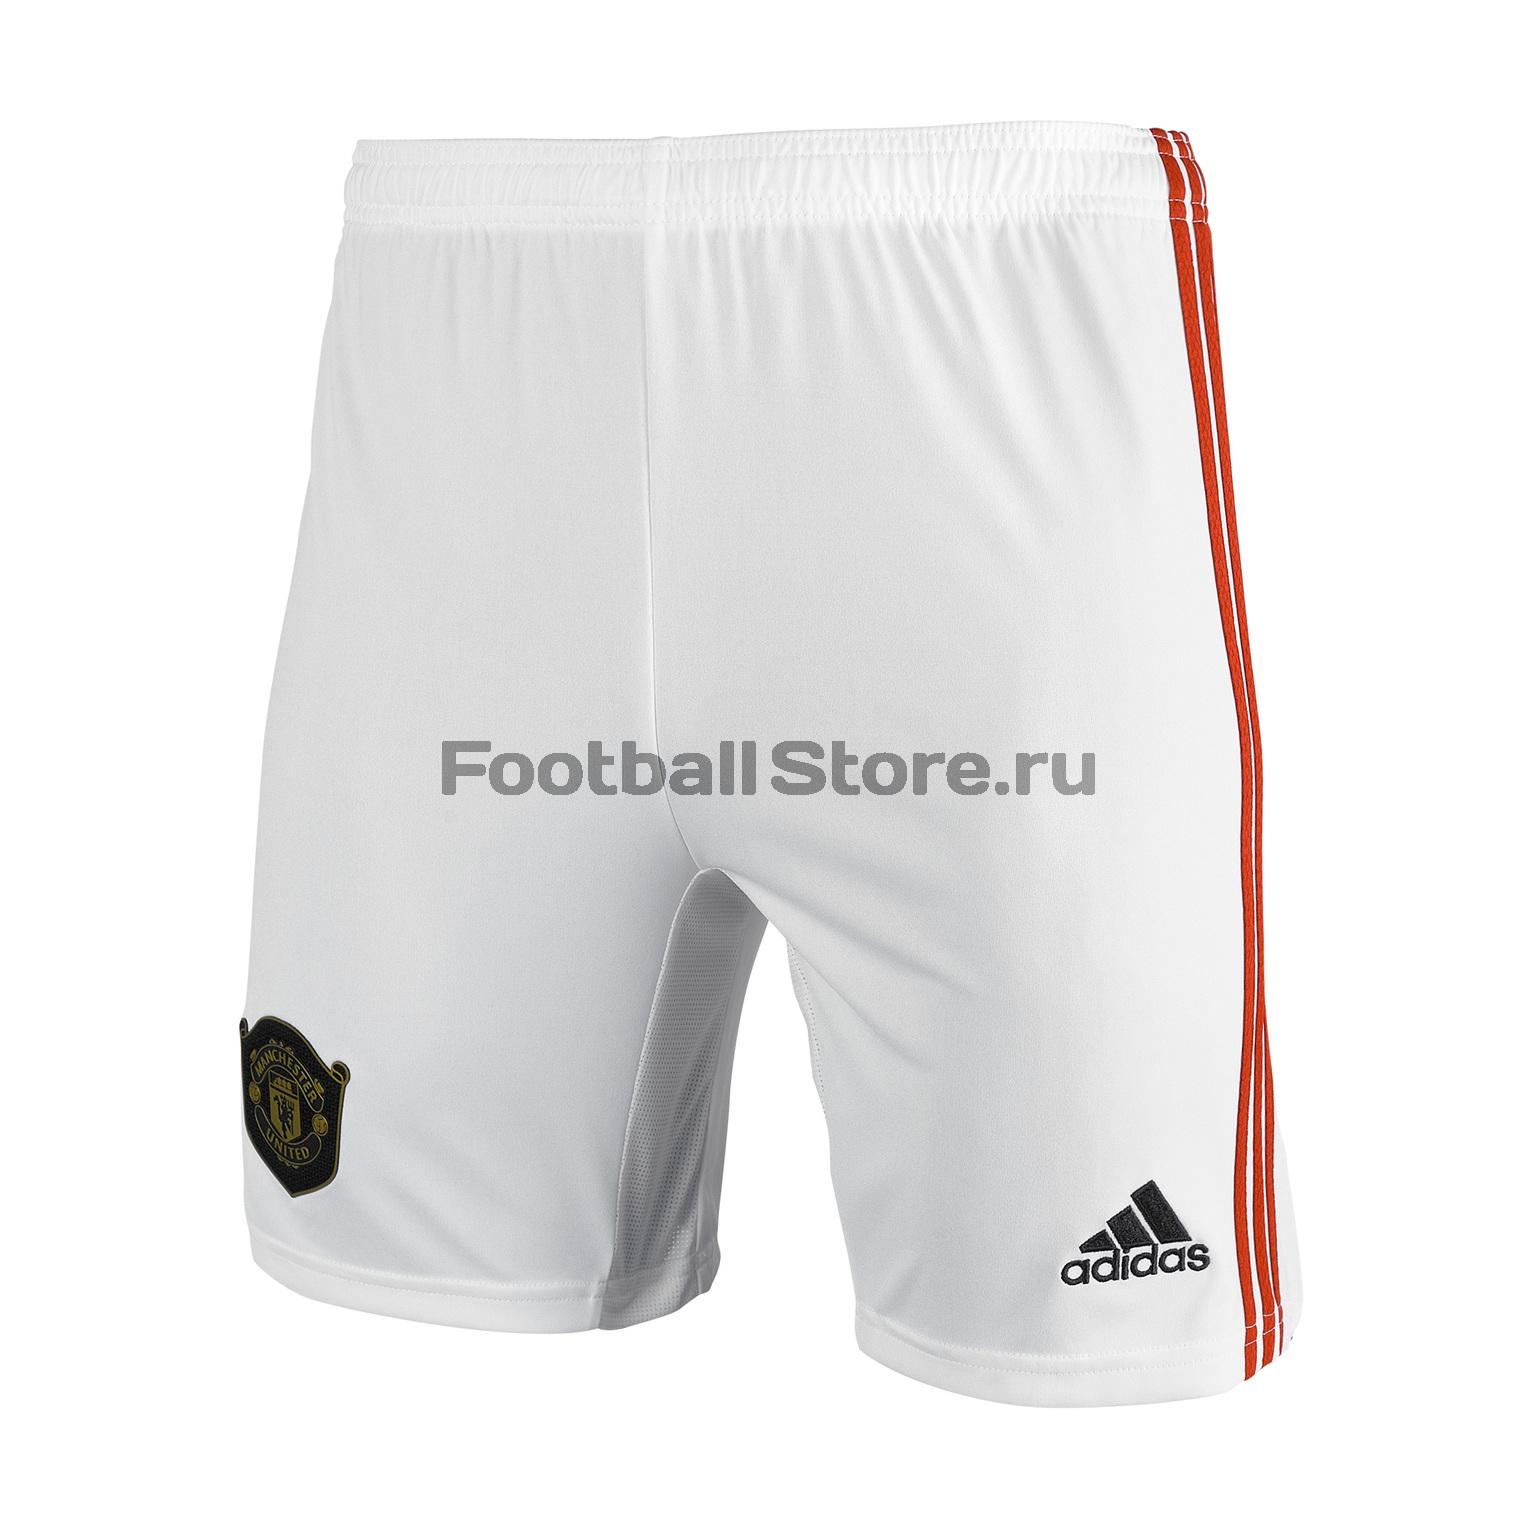 Шорты домашние подростковые Adidas Manchester United 2019/20 шорты тренировочные adidas manchester united 2019 20